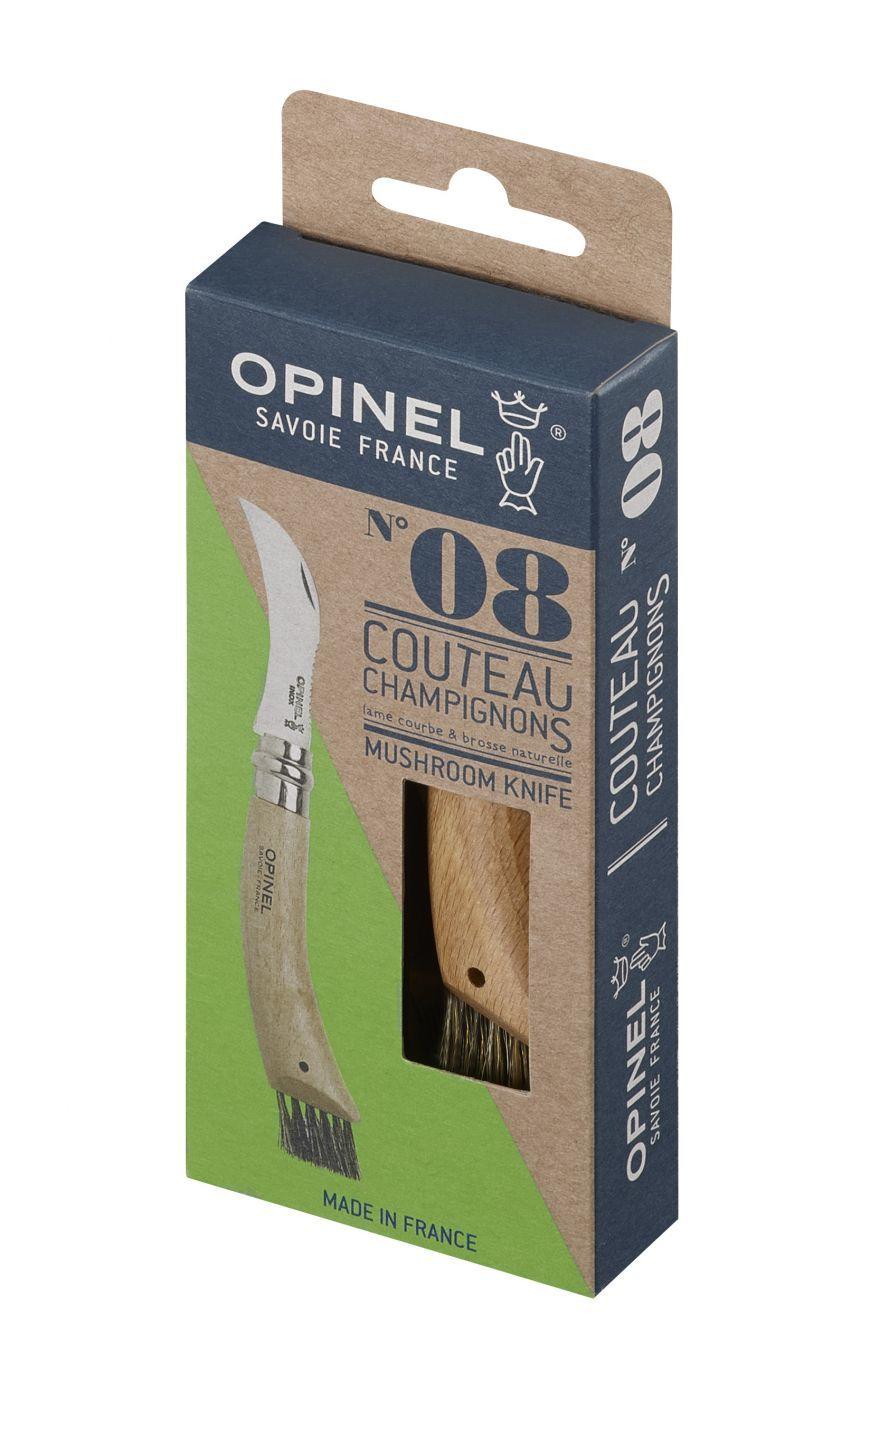 Фото 13 - Нож грибника складной Opinel №8, нержавеющая сталь Sandvik 12C27, рукоять бук, 001252